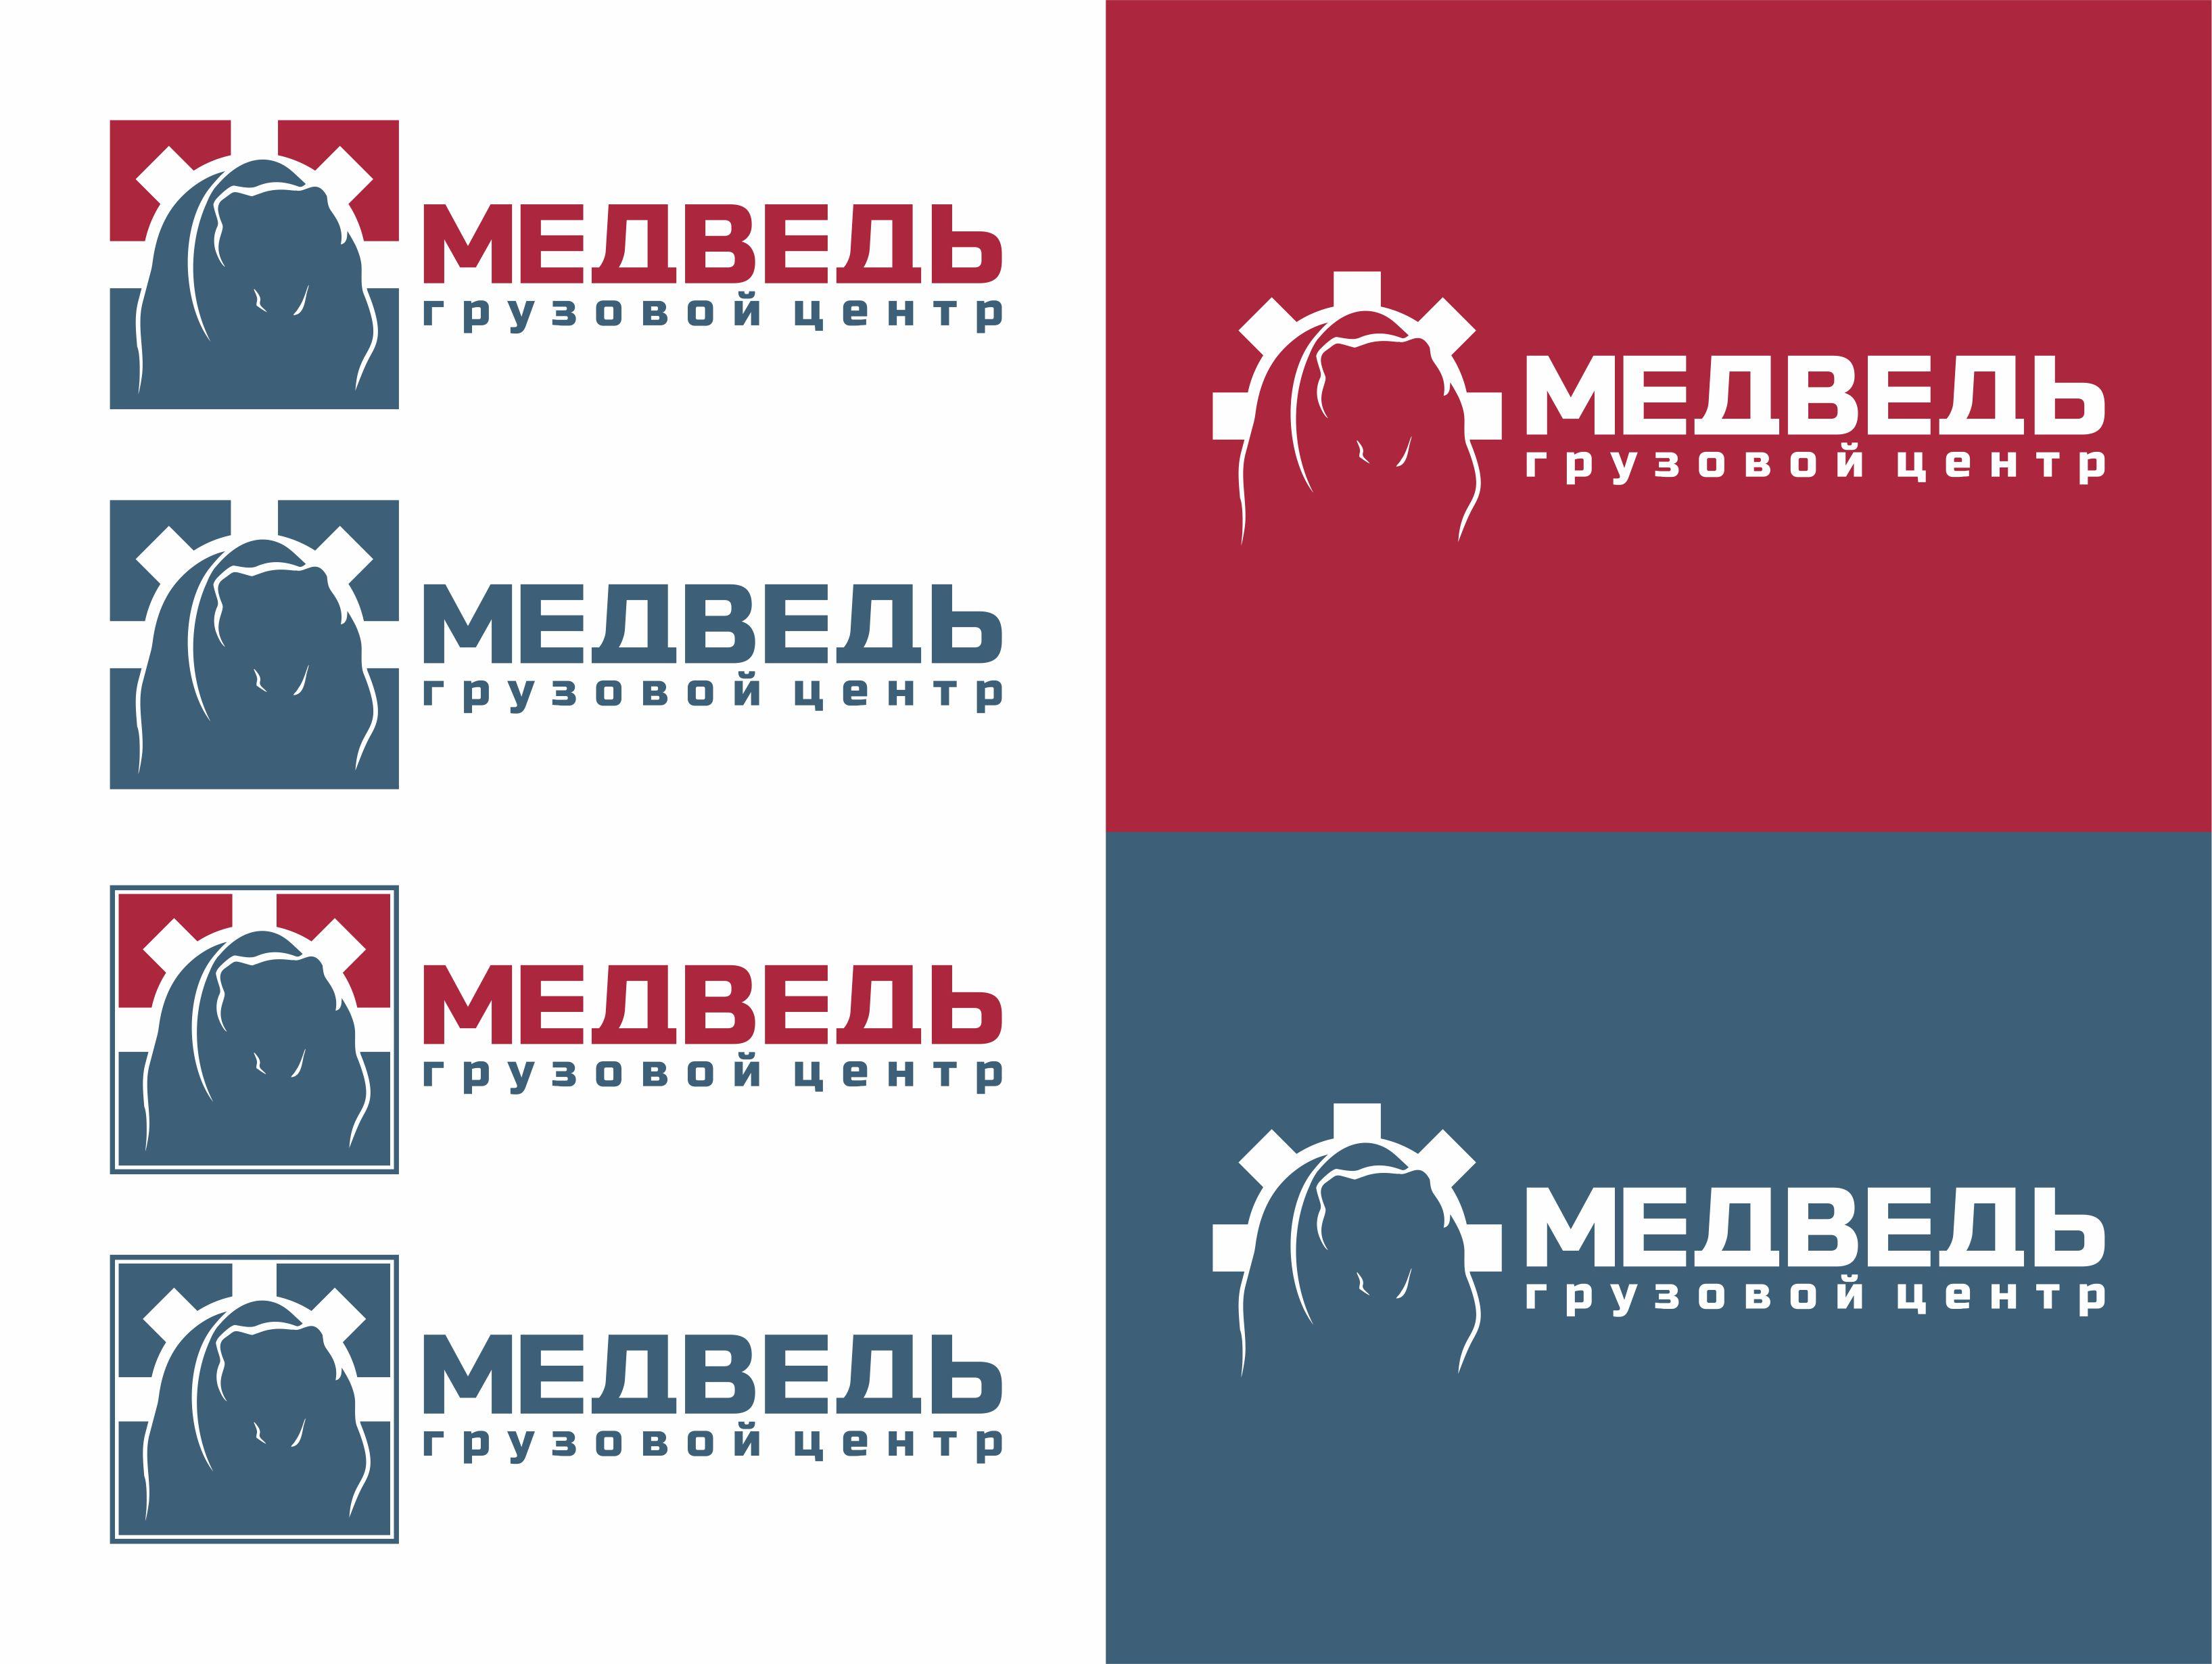 Разработка логотипа фото f_2695abc911ac97cf.jpg